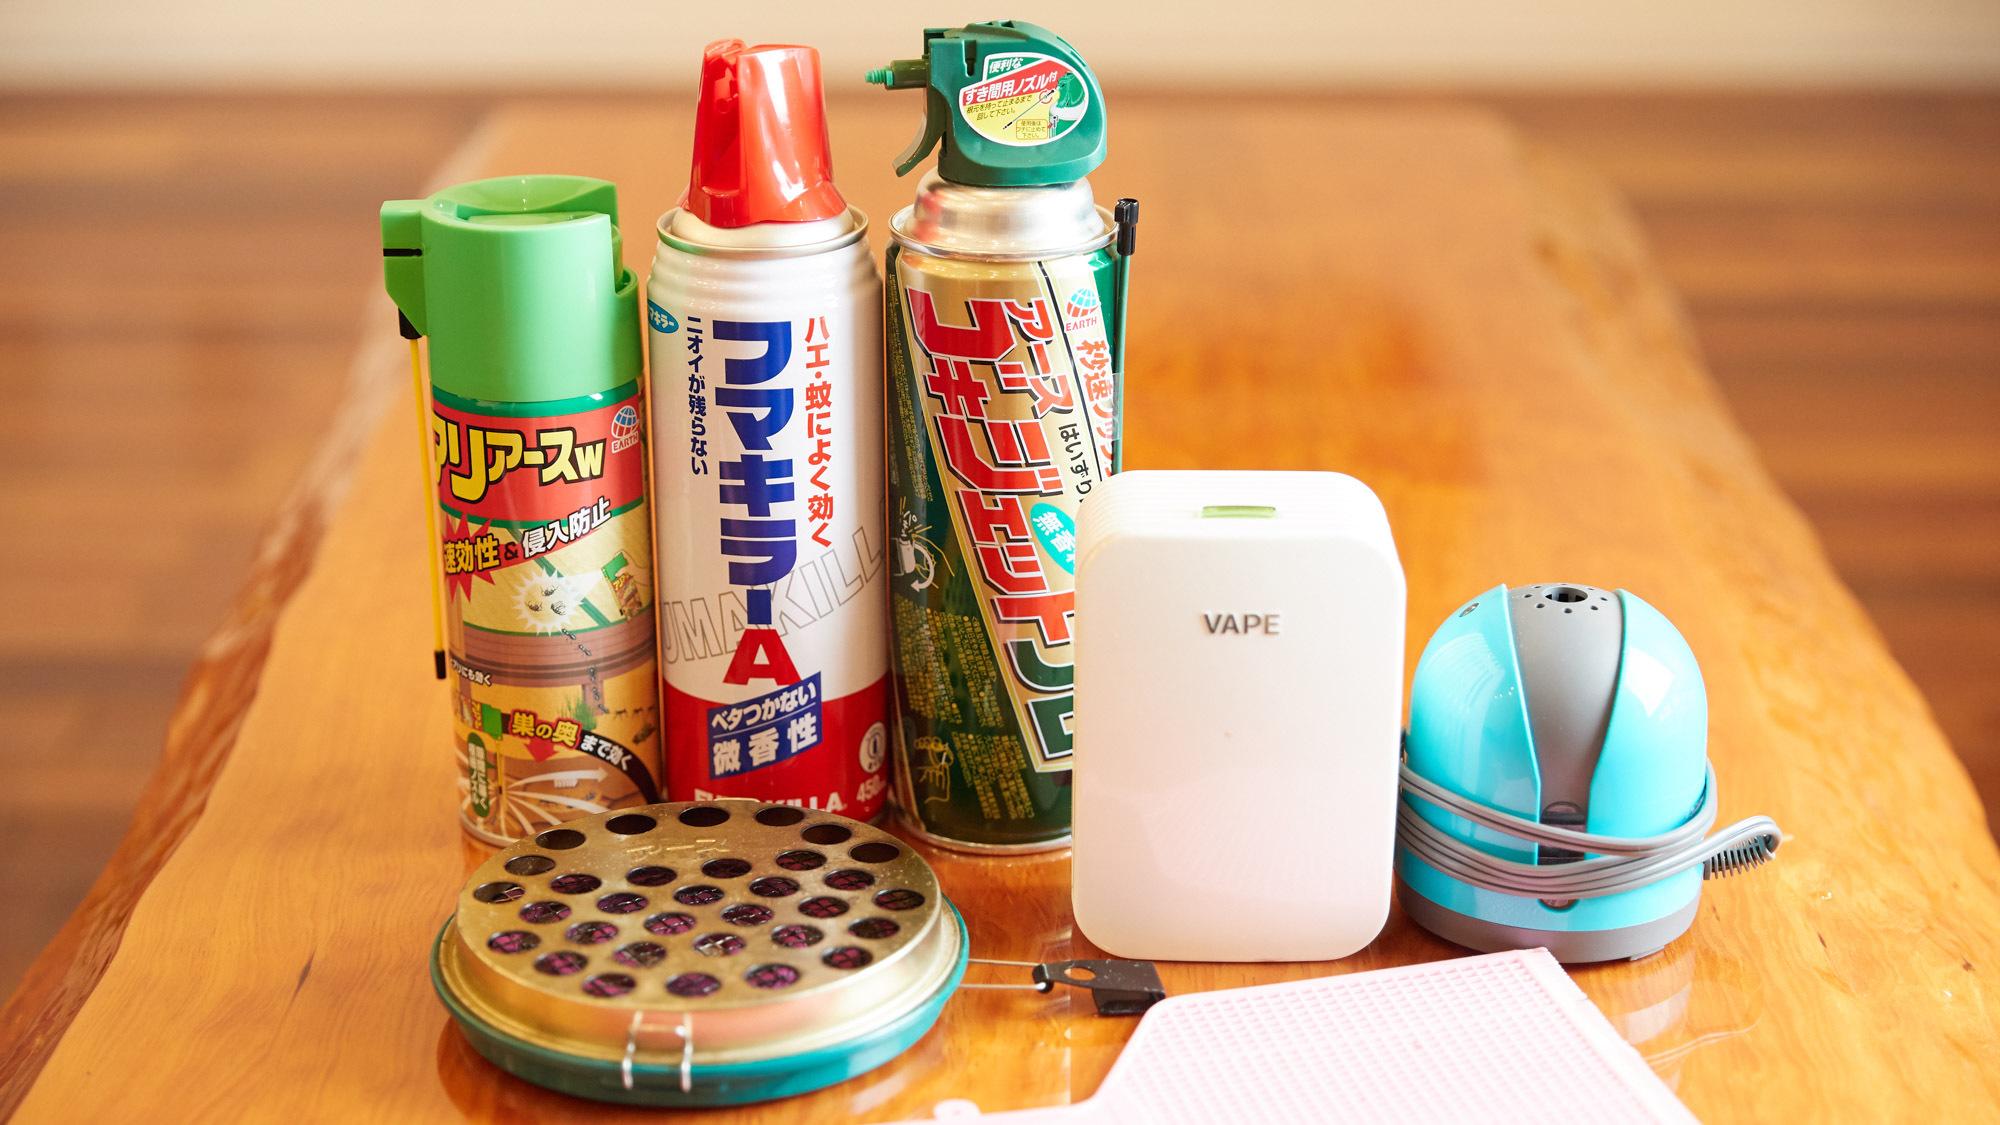 【客室備品】虫対策用品一式